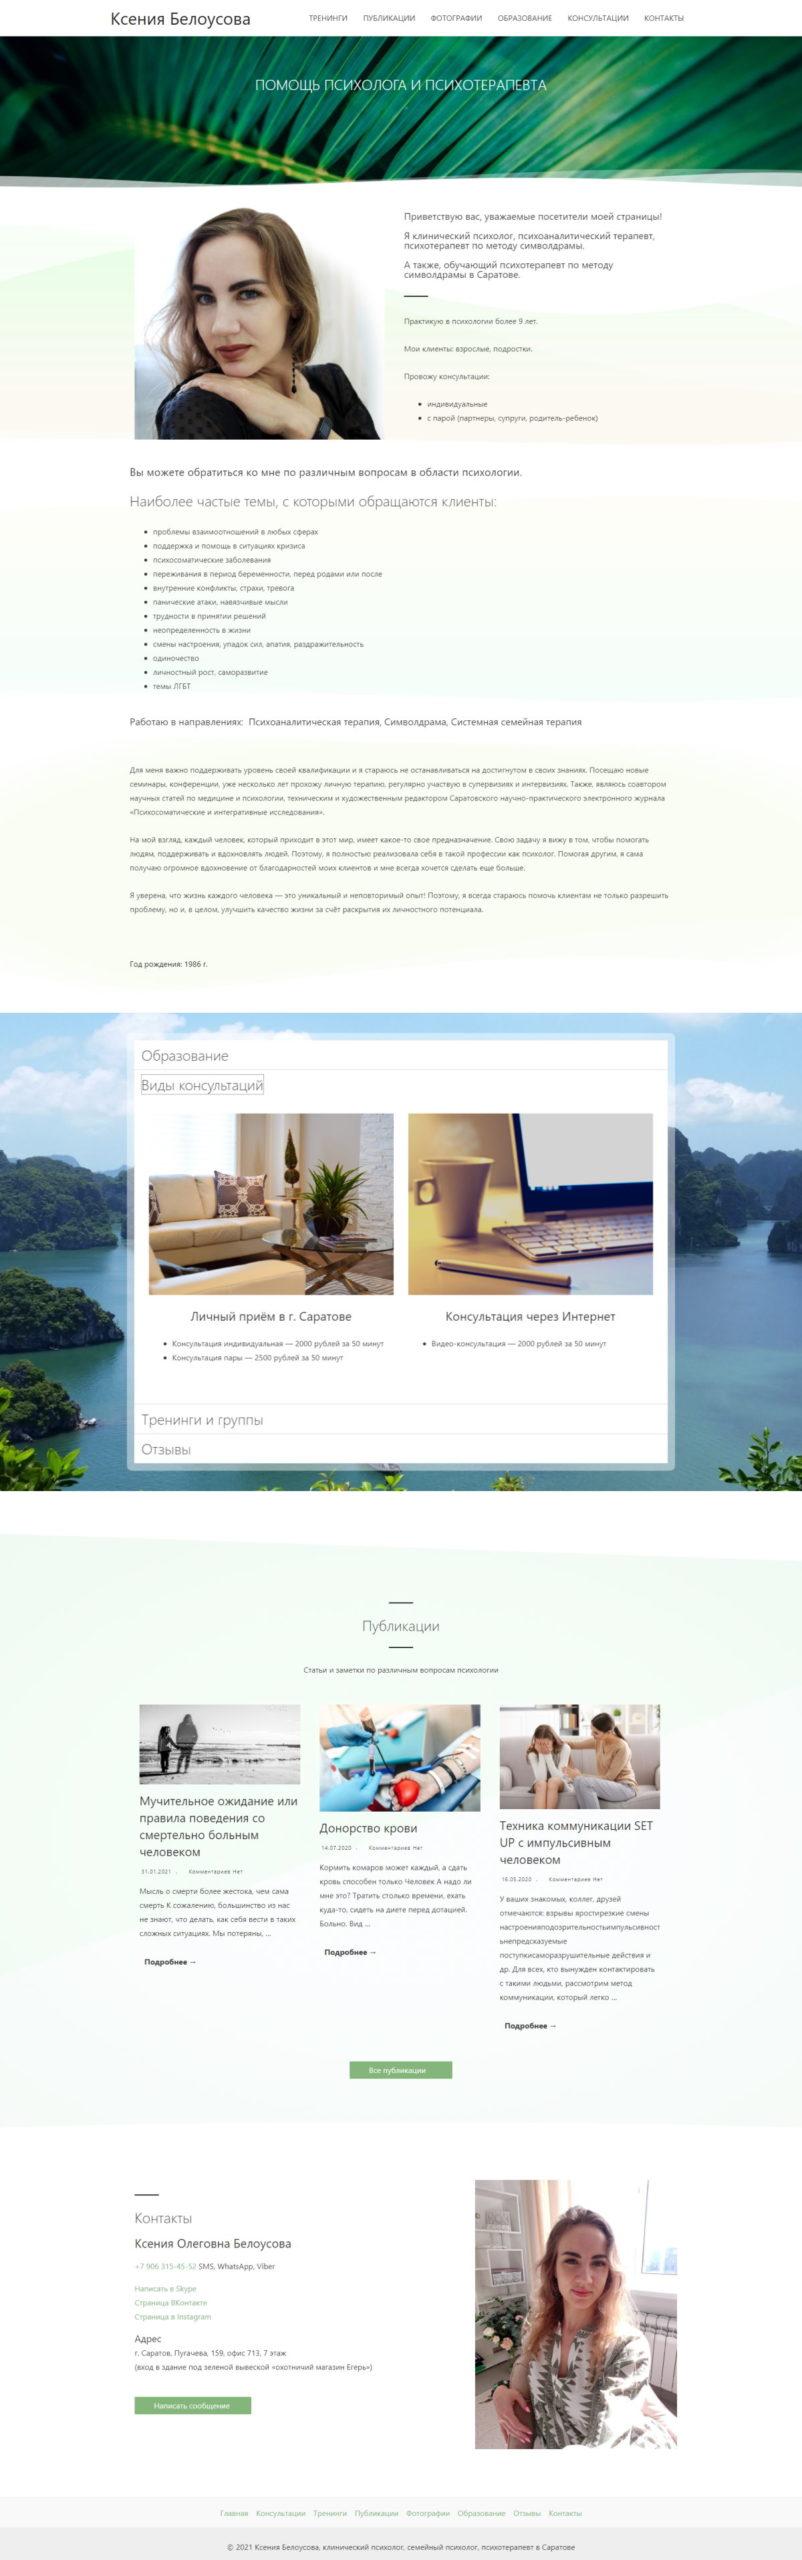 Скриншот главной страницы сайта психолога